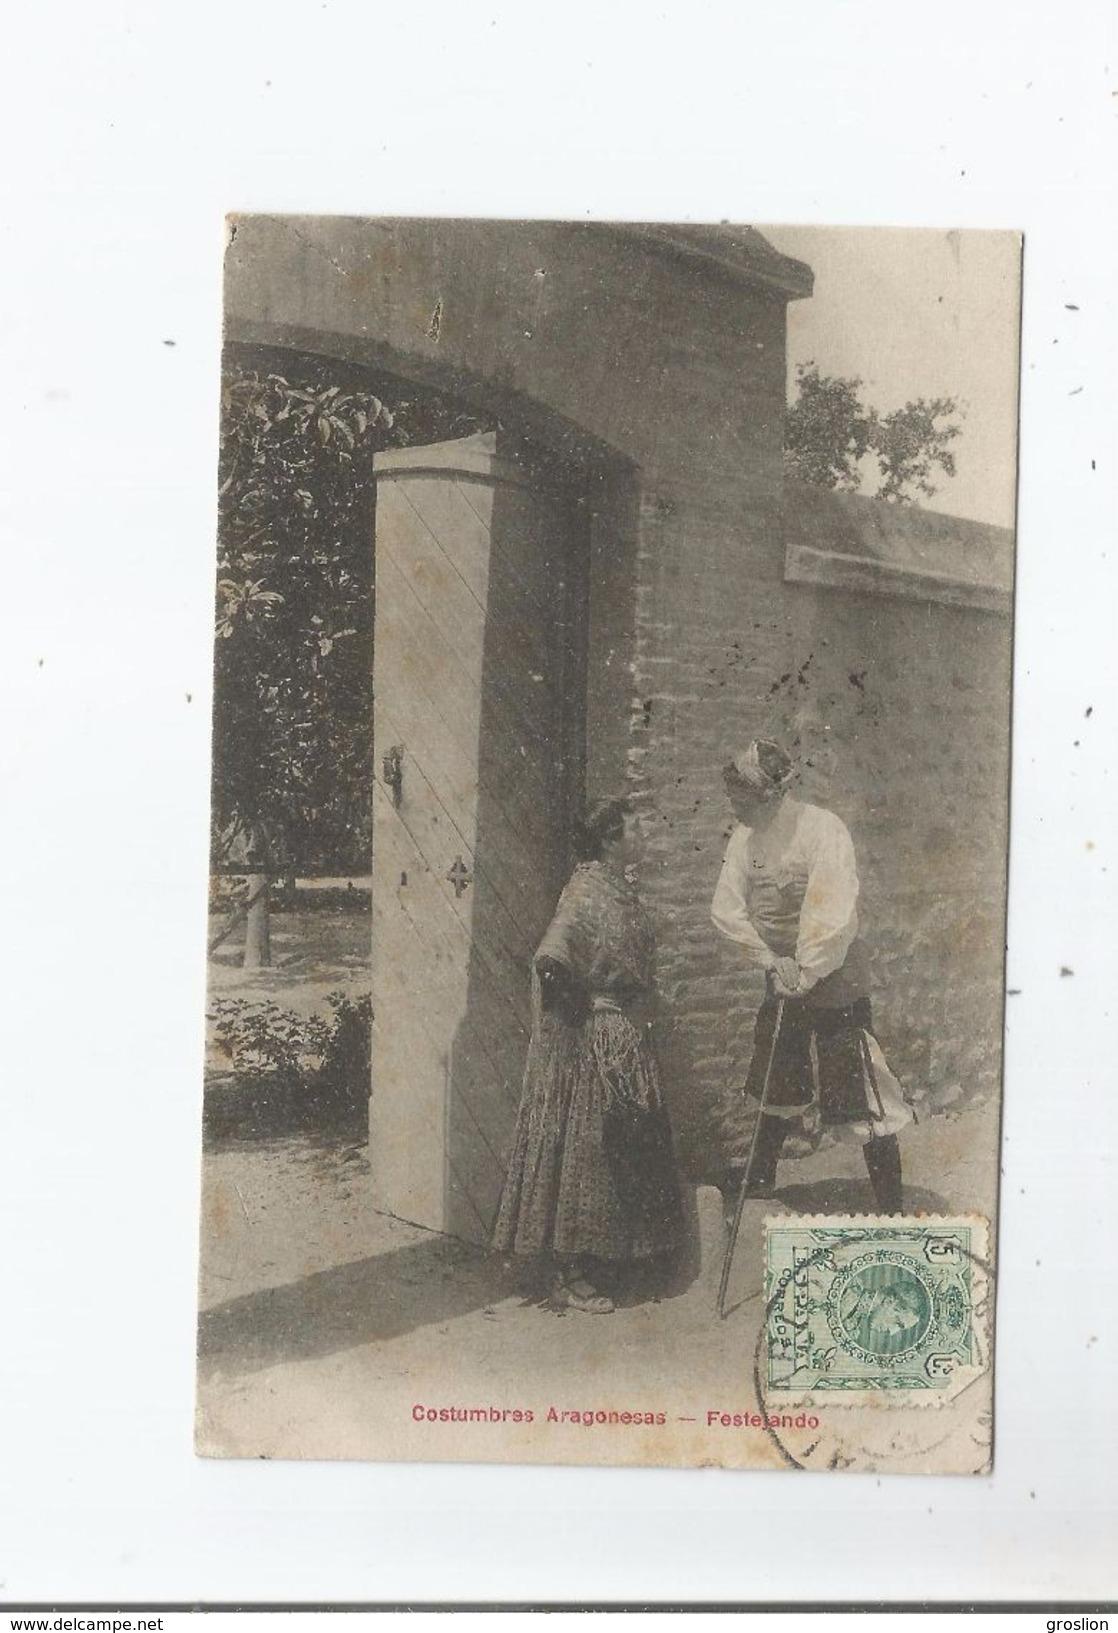 COSTUMBRES ARAGONESAS FESTEJANDO 1910 - Espagne